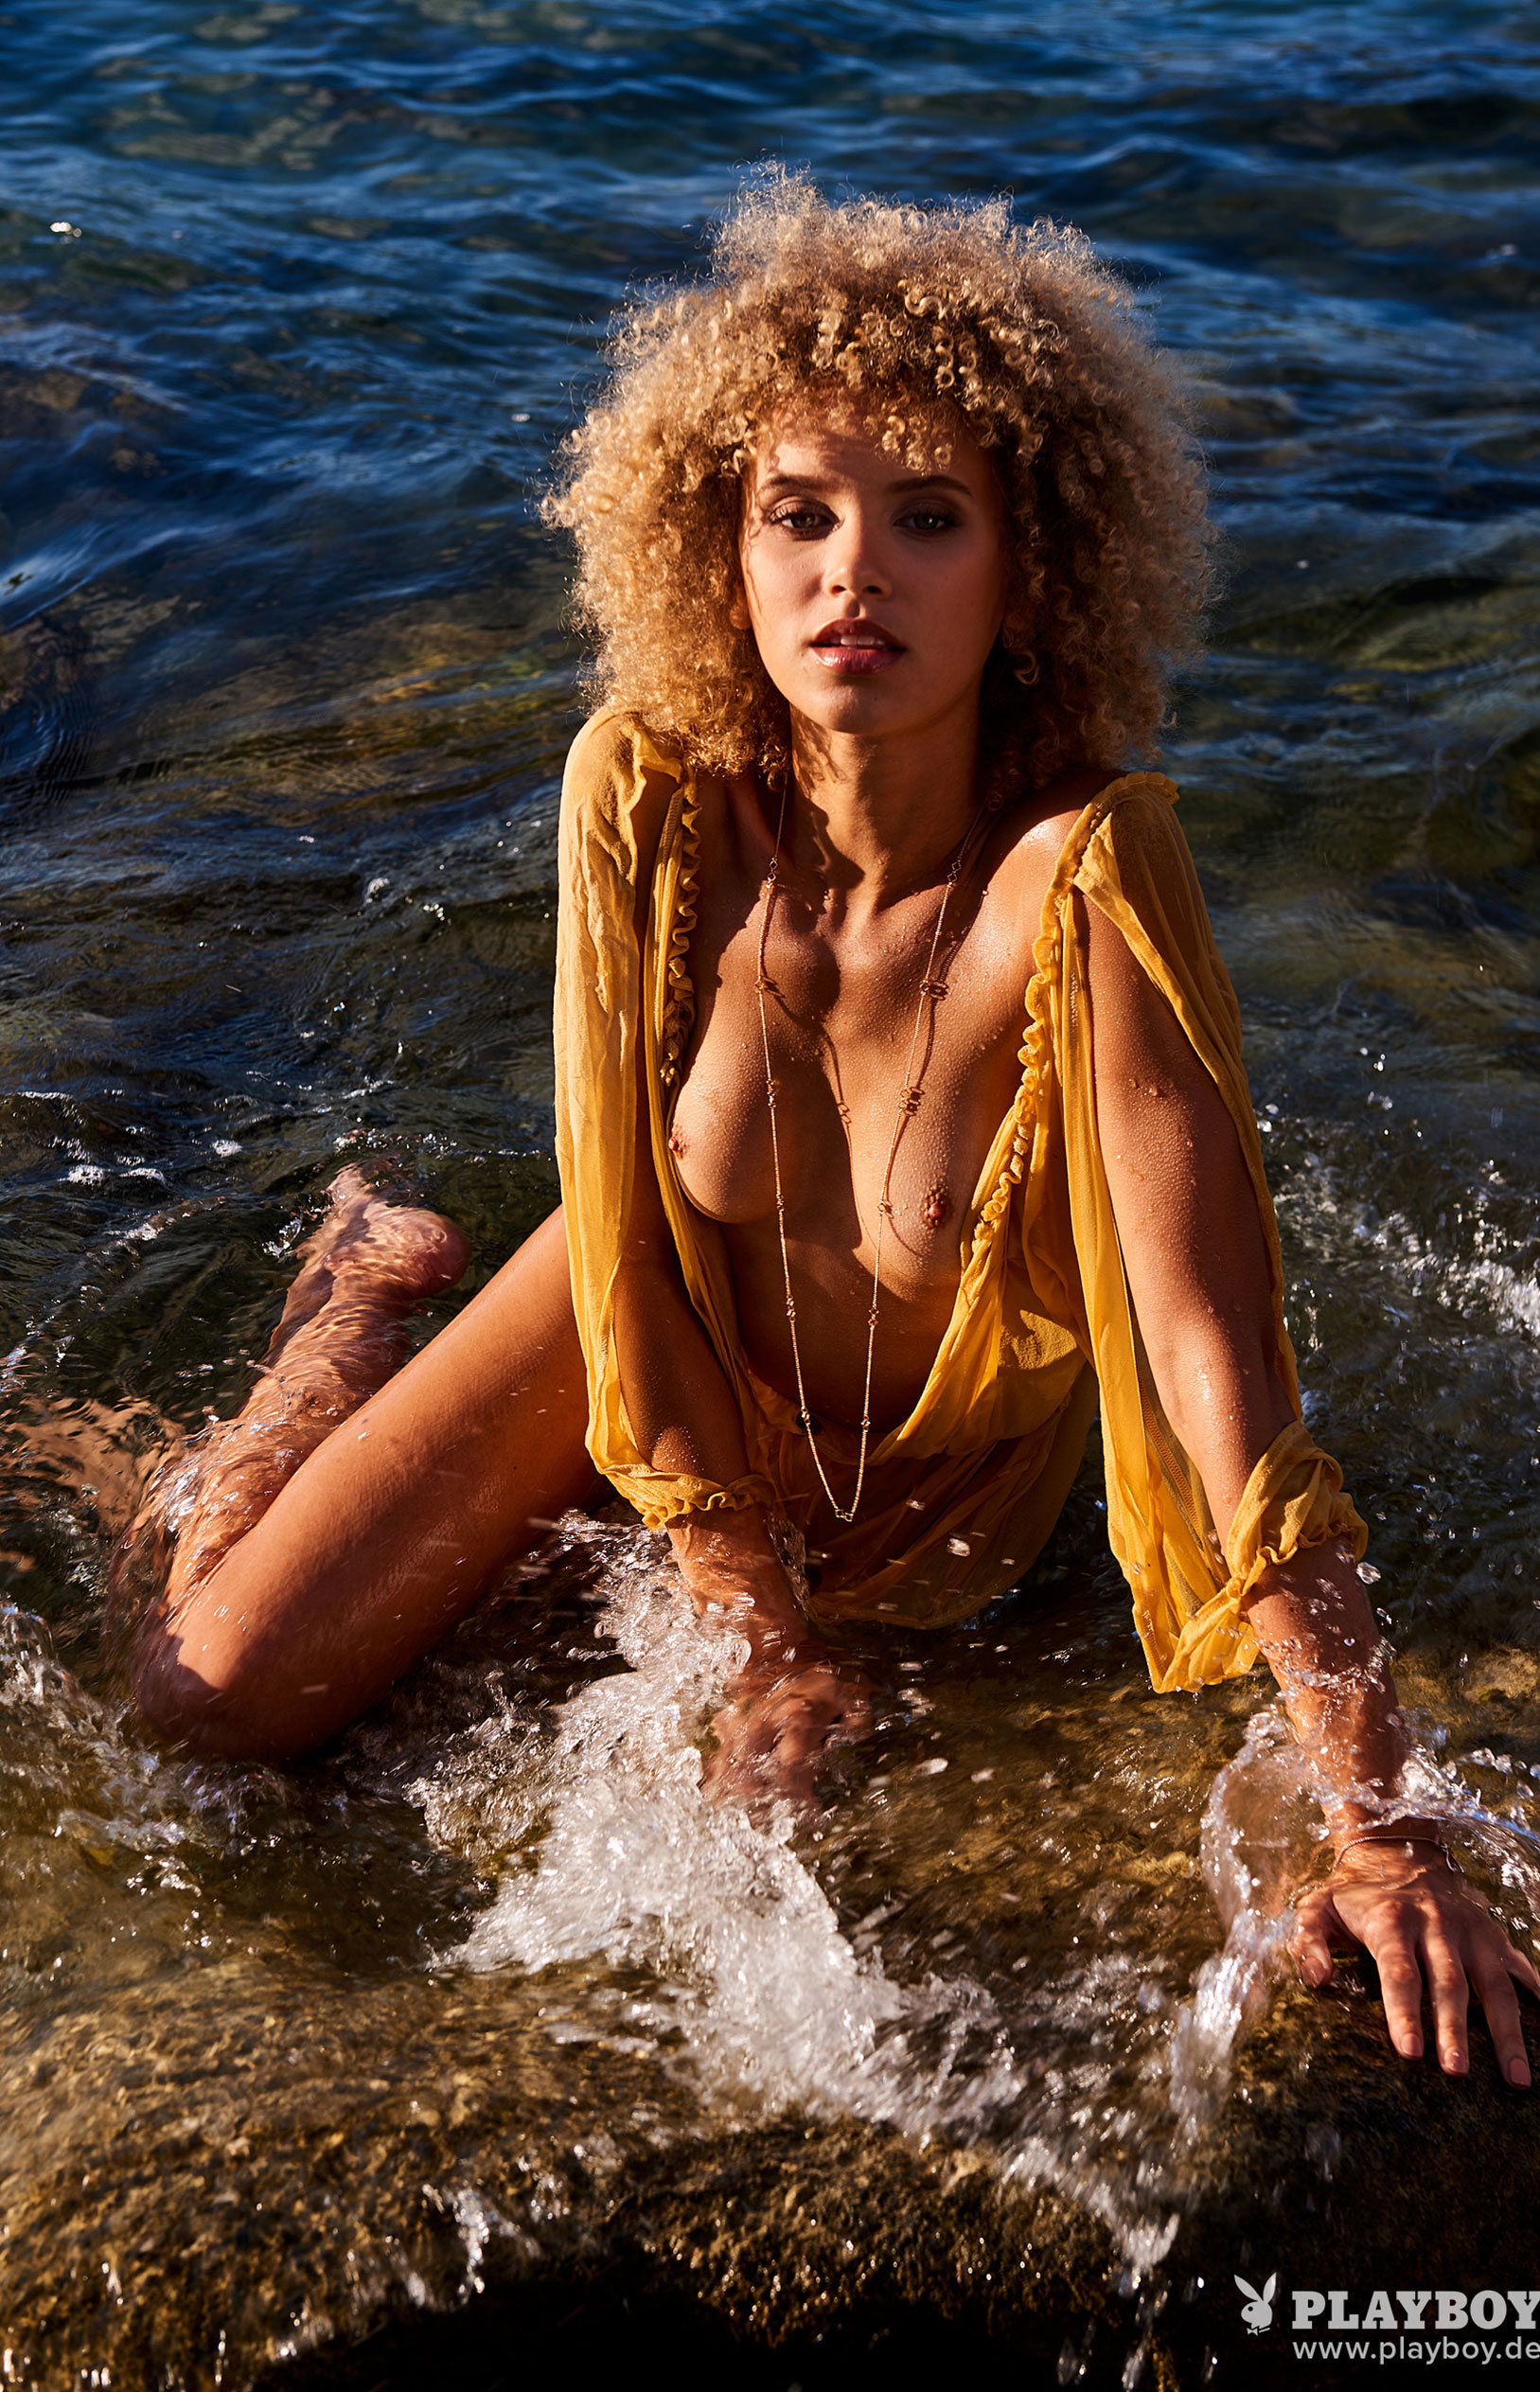 актриса Тайнара Вольф в журнале Playboy Германия, август 2018 / фото 08